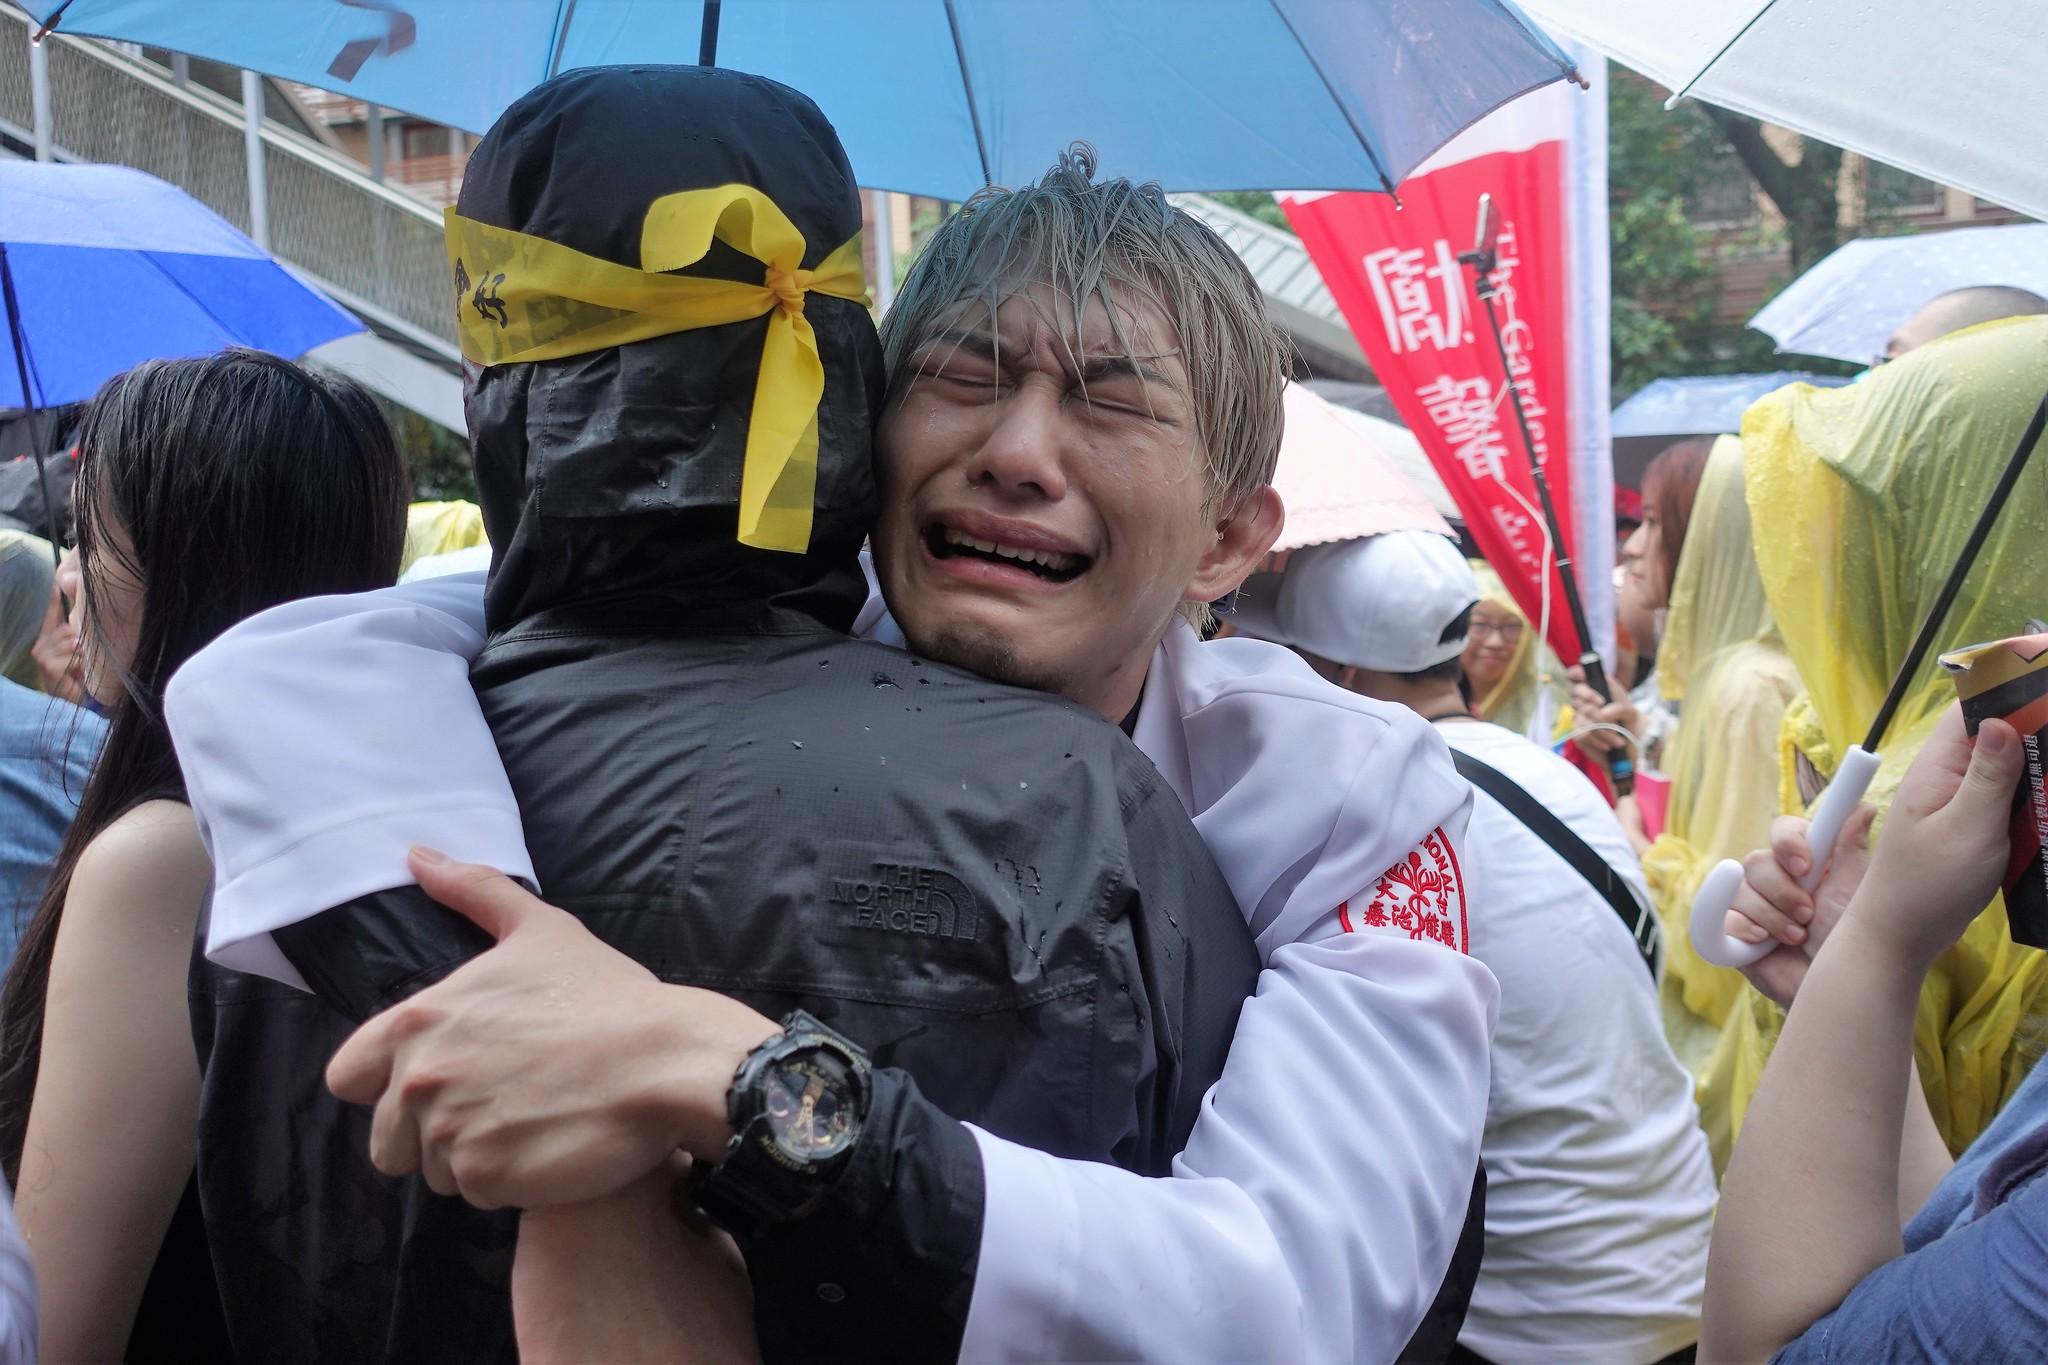 同婚法案逐條二讀通過後,同志激動哭泣。(攝影:張智琦)